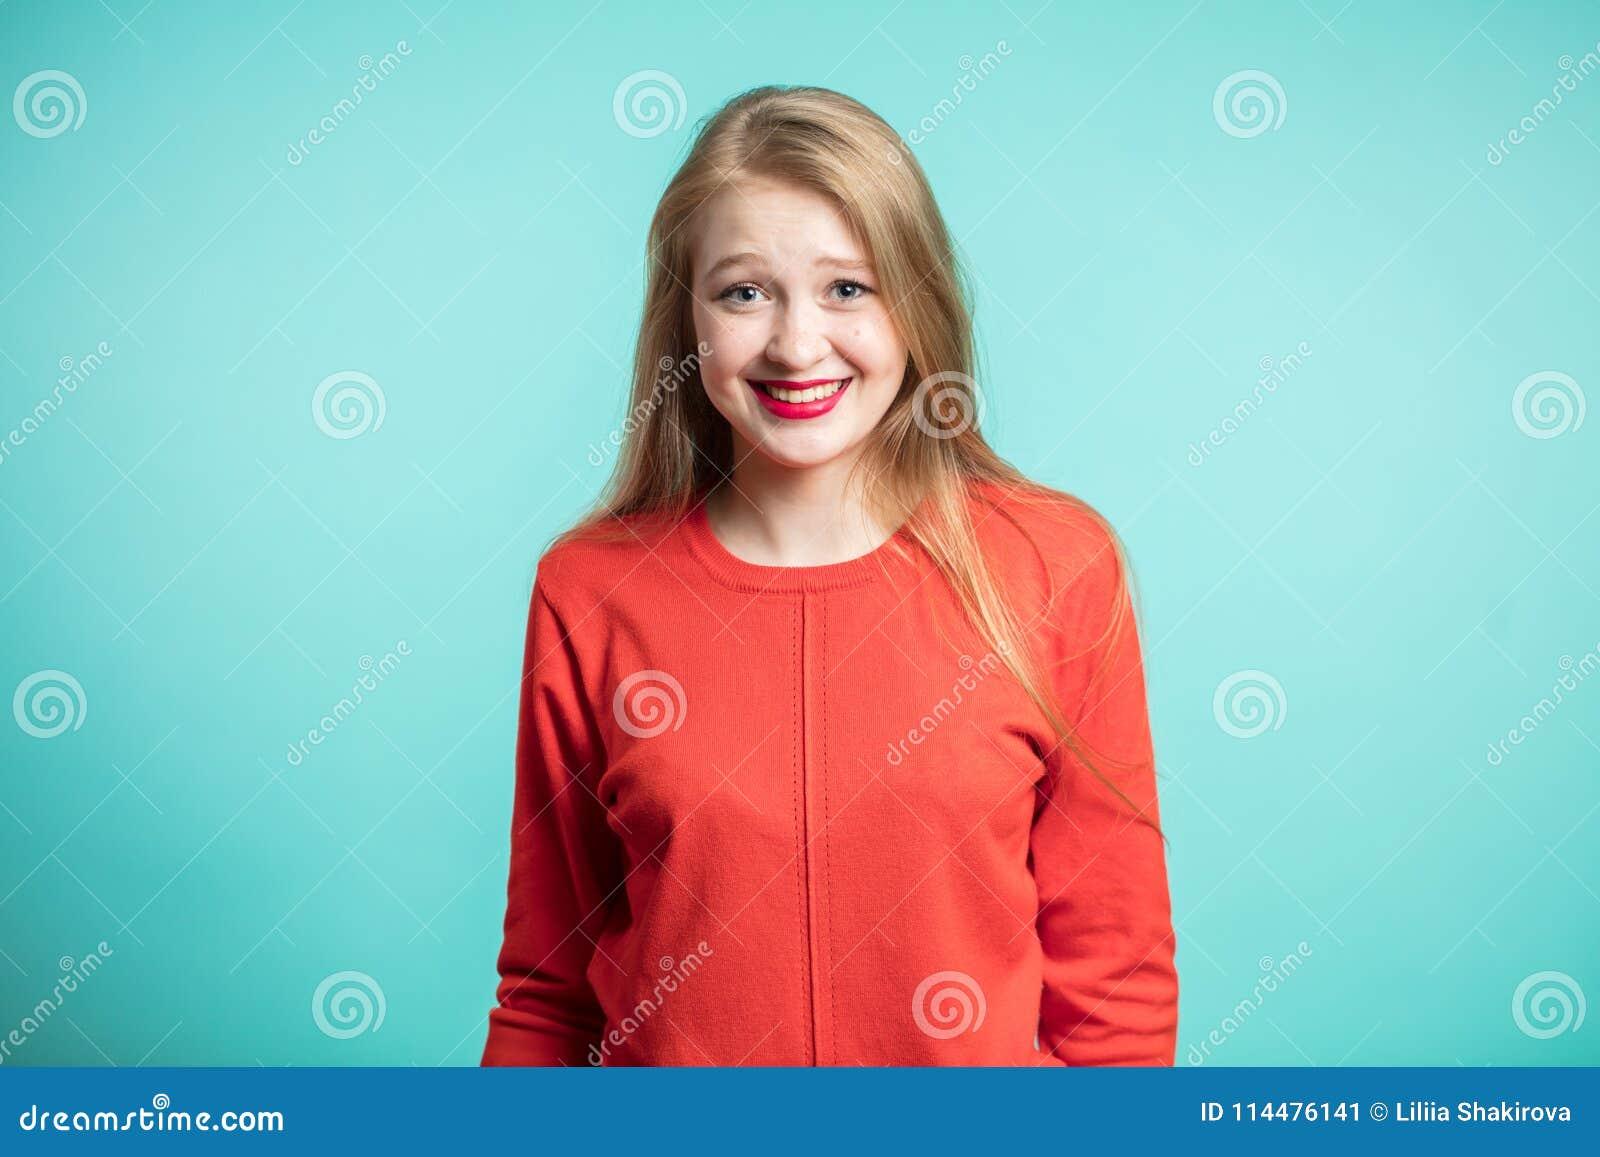 Expressões e emoções do rosto humano Jovem mulher alegre feliz que veste seu júbilo vermelho do vestido na notícia positiva, olha